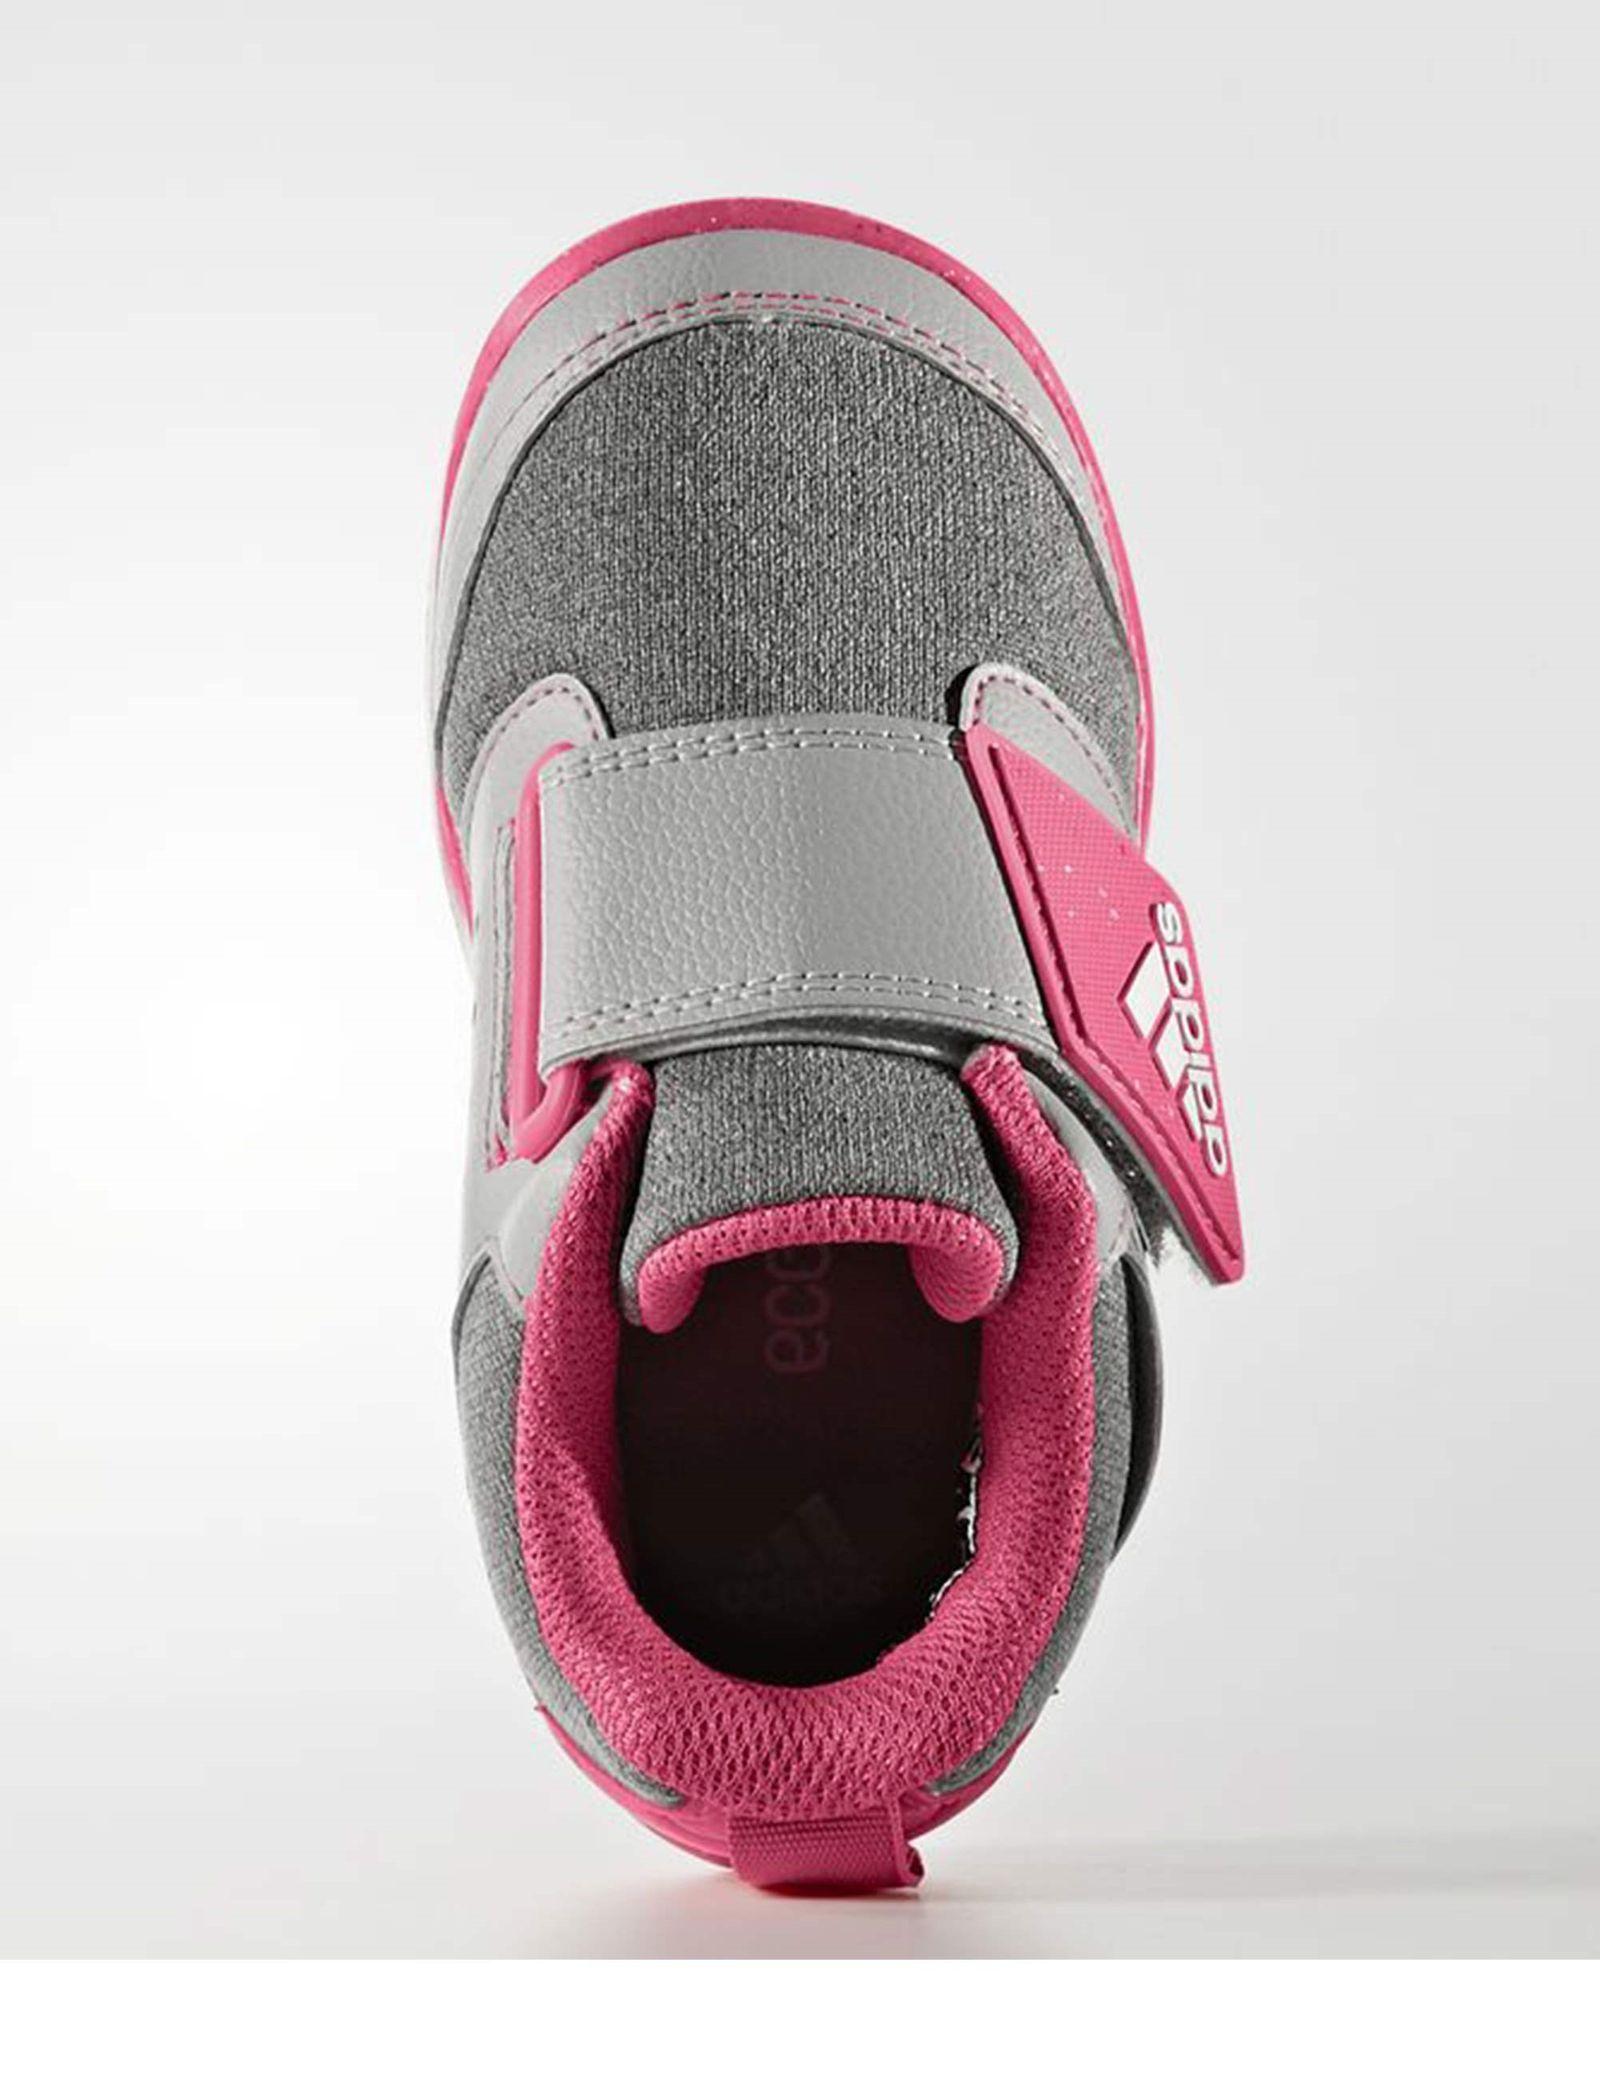 کفش تمرین چسبی دخترانه FortaPlay - آدیداس - صورتي - 3